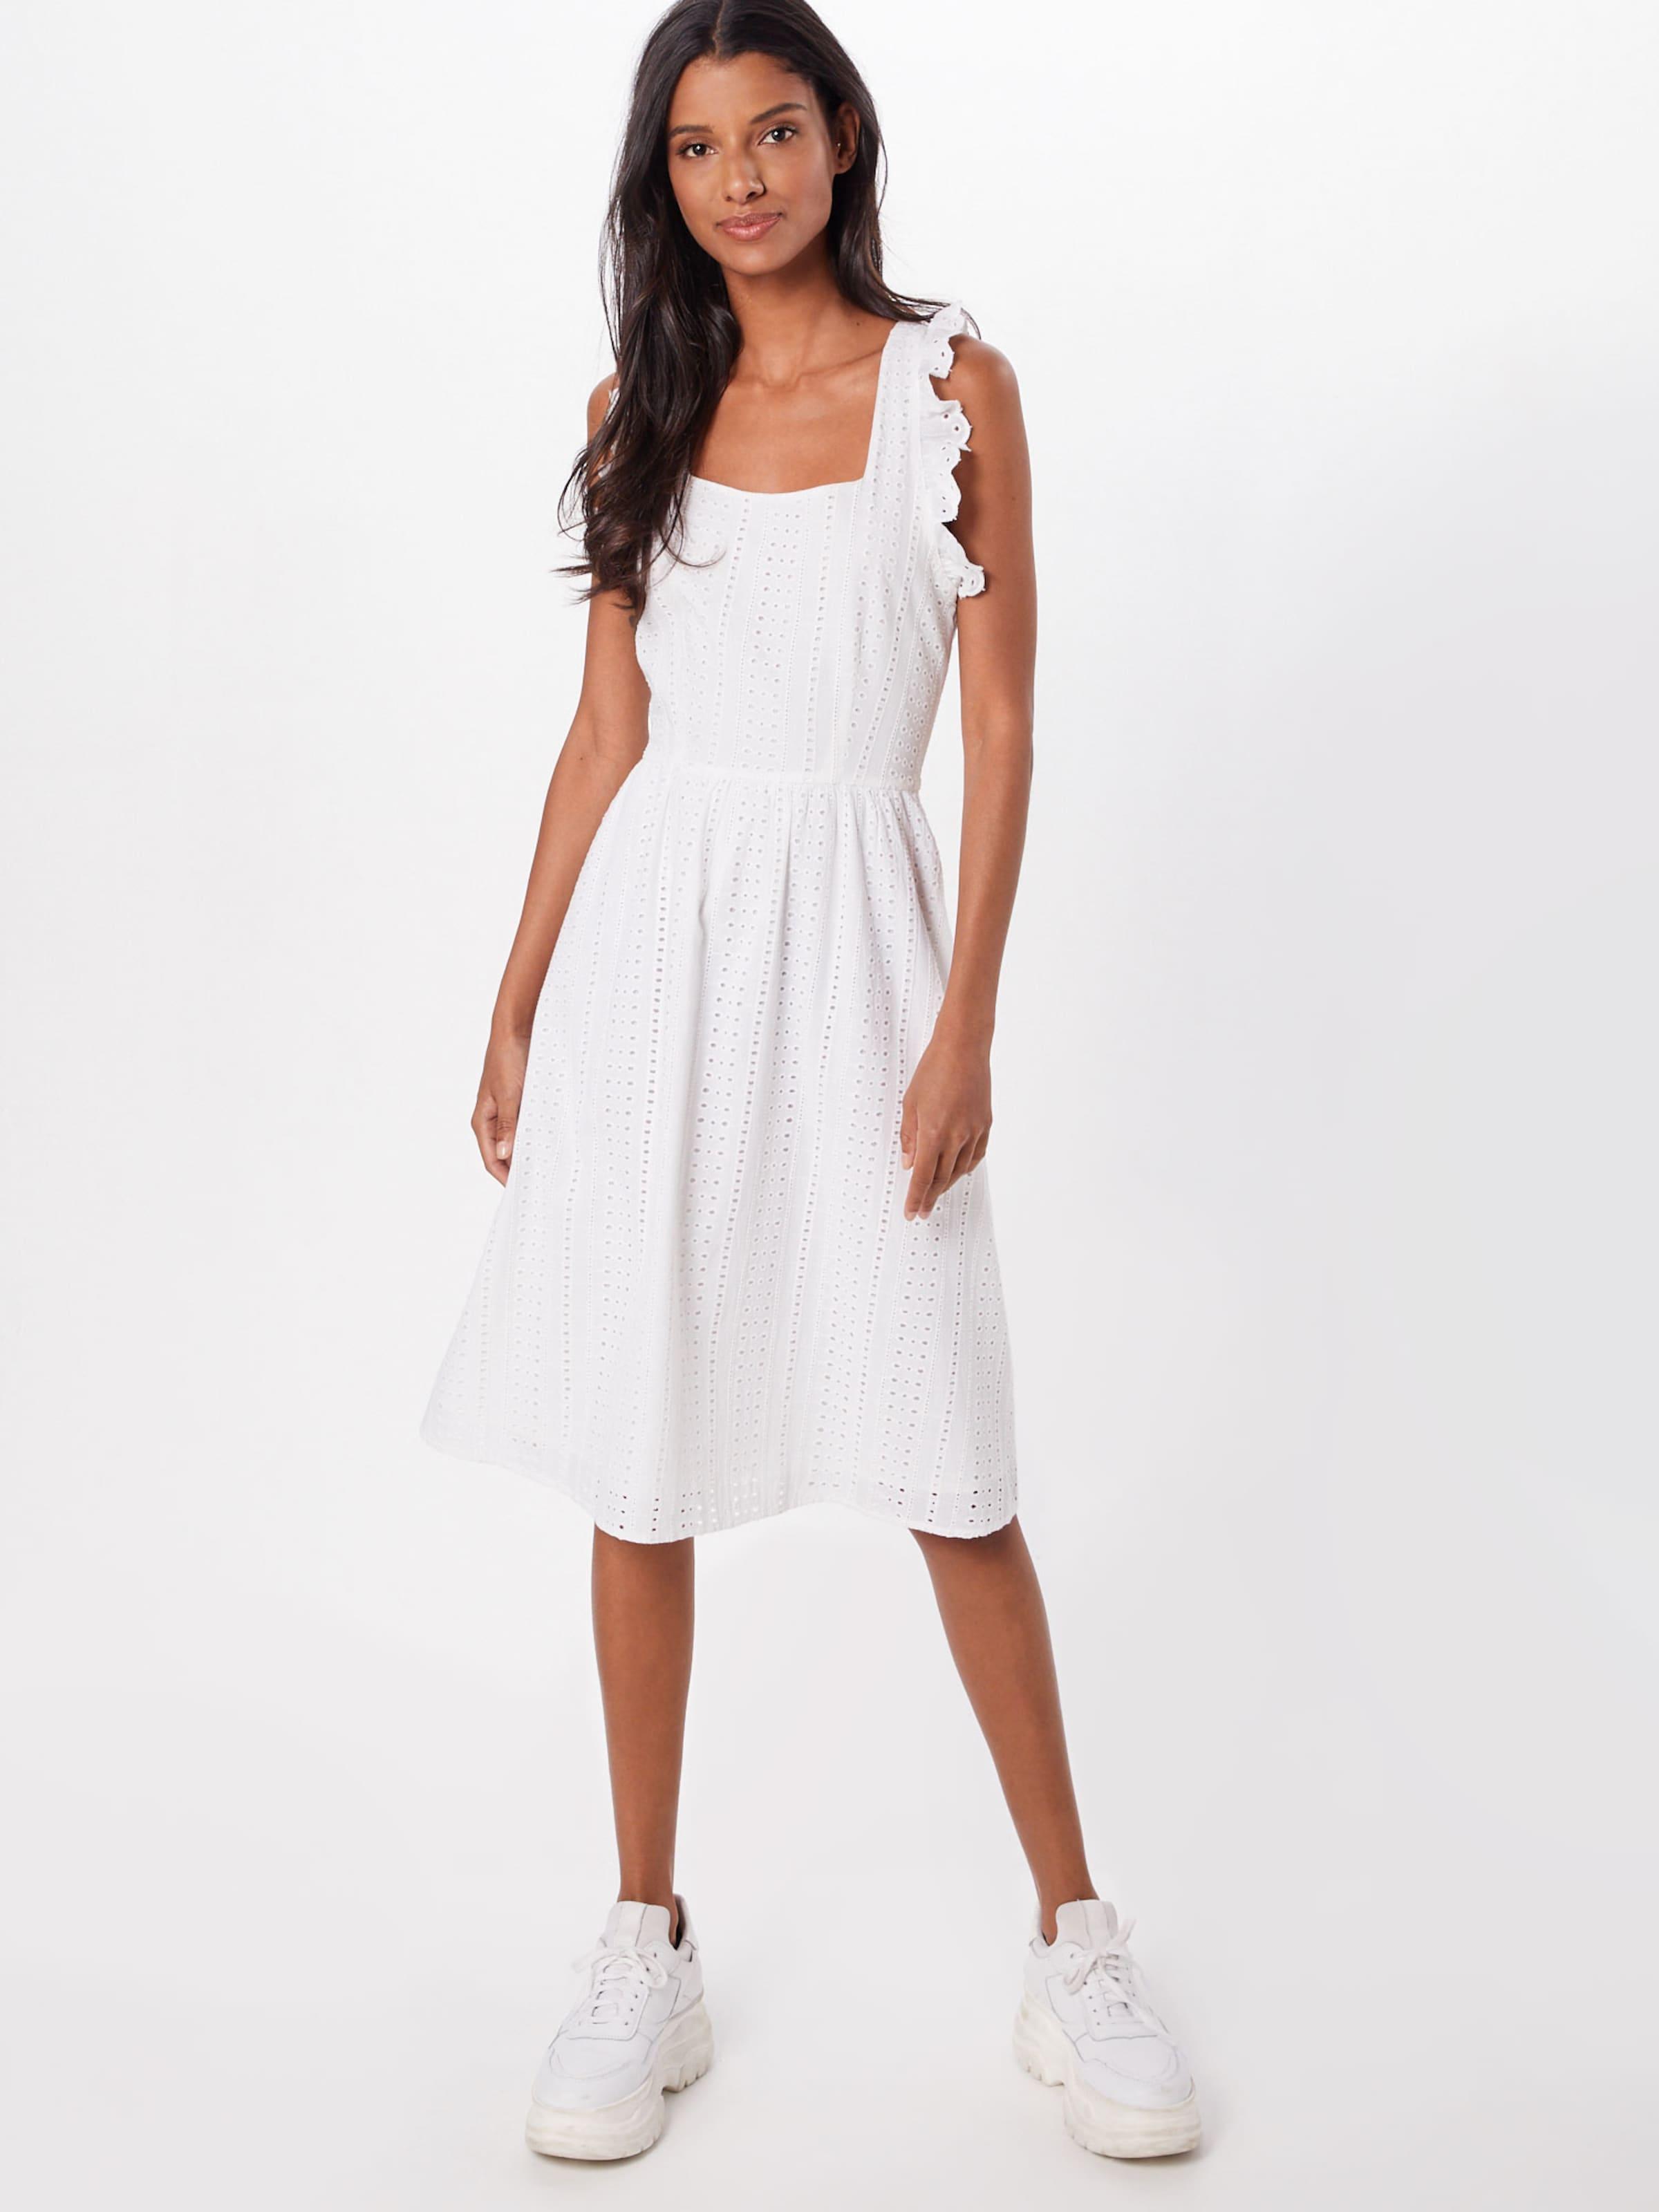 Kleid Dr2' Weiß 'ihcantana Ichi In bgvy76mIYf